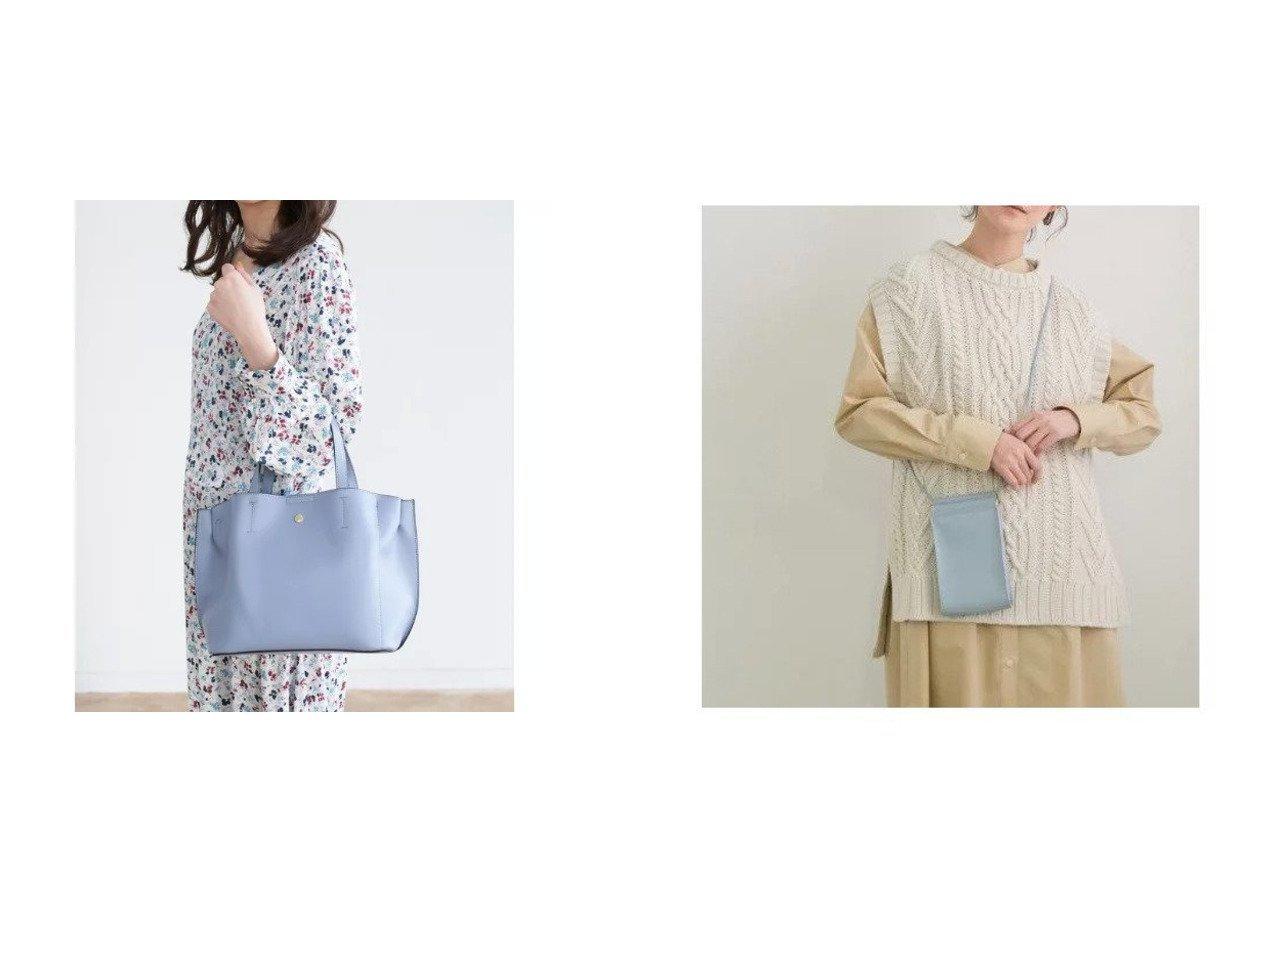 【ROPE' PICNIC/ロペピクニック】の【Legato Largo(レガートラルゴ)】かるいかばんミドルトート&ショルダーバッグ&綿混ケーブルニットベスト ROPEのおすすめ!人気、トレンド・レディースファッションの通販  おすすめで人気の流行・トレンド、ファッションの通販商品 メンズファッション・キッズファッション・インテリア・家具・レディースファッション・服の通販 founy(ファニー) https://founy.com/ ファッション Fashion レディースファッション WOMEN バッグ Bag アウター Coat Outerwear トップス Tops Tshirt ニット Knit Tops ベスト/ジレ Gilets Vests シンプル ポケット ストール セーター タートル ベスト 冬 Winter 春 Spring 秋 Autumn/Fall |ID:crp329100000017854